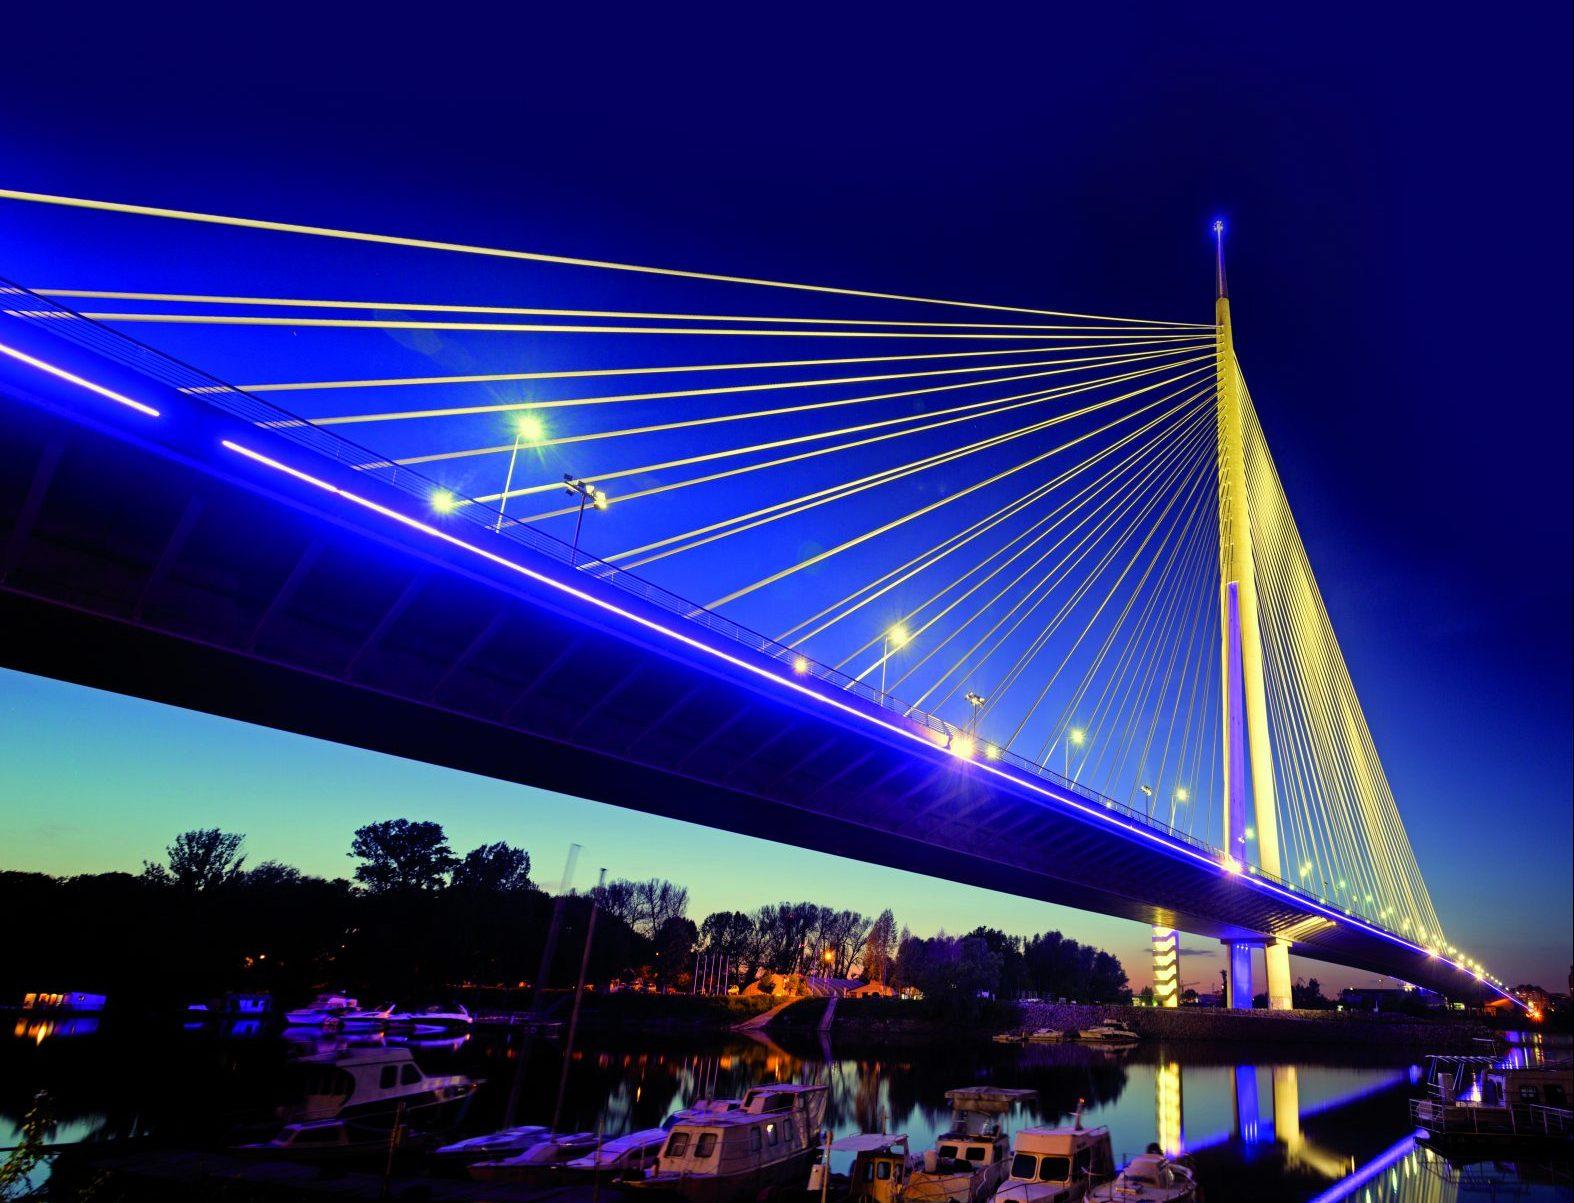 SCADA-Systeme übernehmen bei der Integration von IT und OT eine wichtige Brückenfunktion (Bild: ©Oliver Mandetzky/Getty Images)